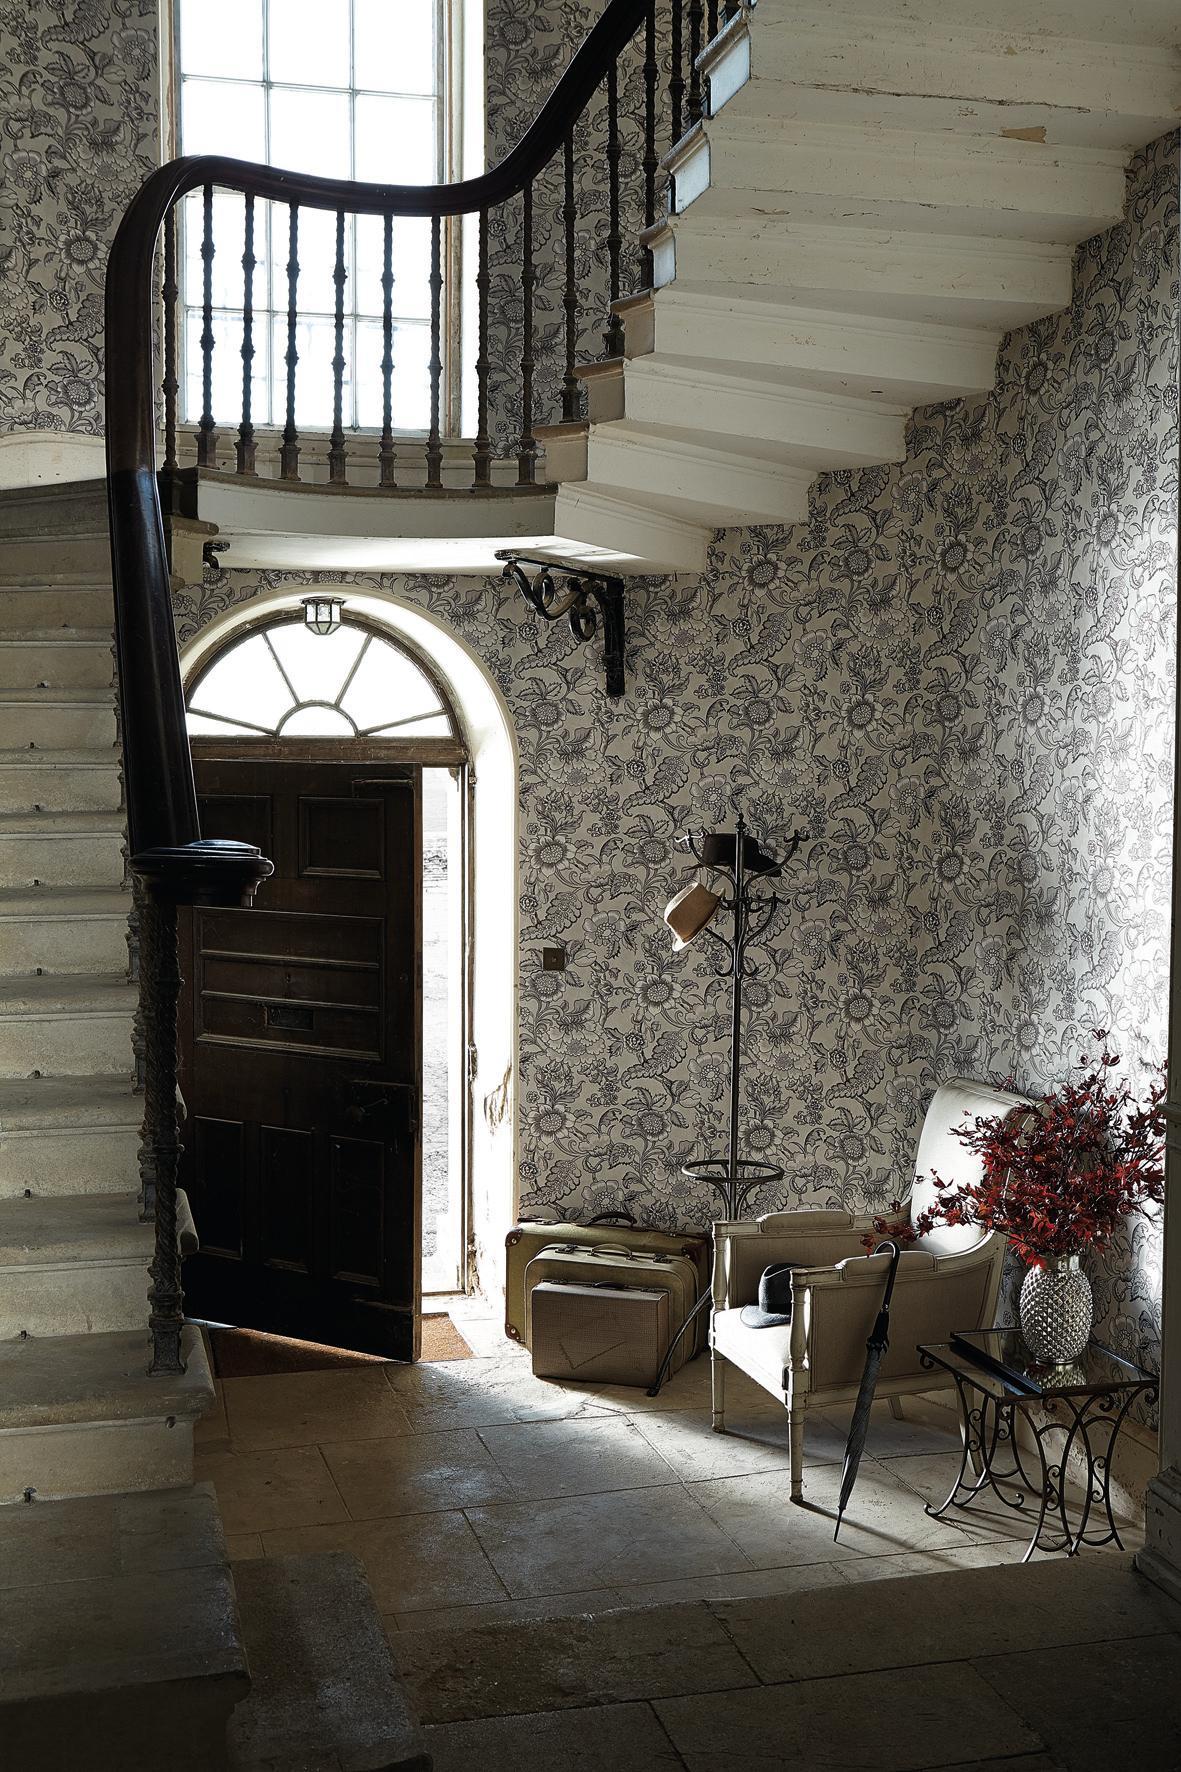 Tapete Mit Blumenmuster Im Treppenhaus #wandgestaltung #designwand ©Little  Greene